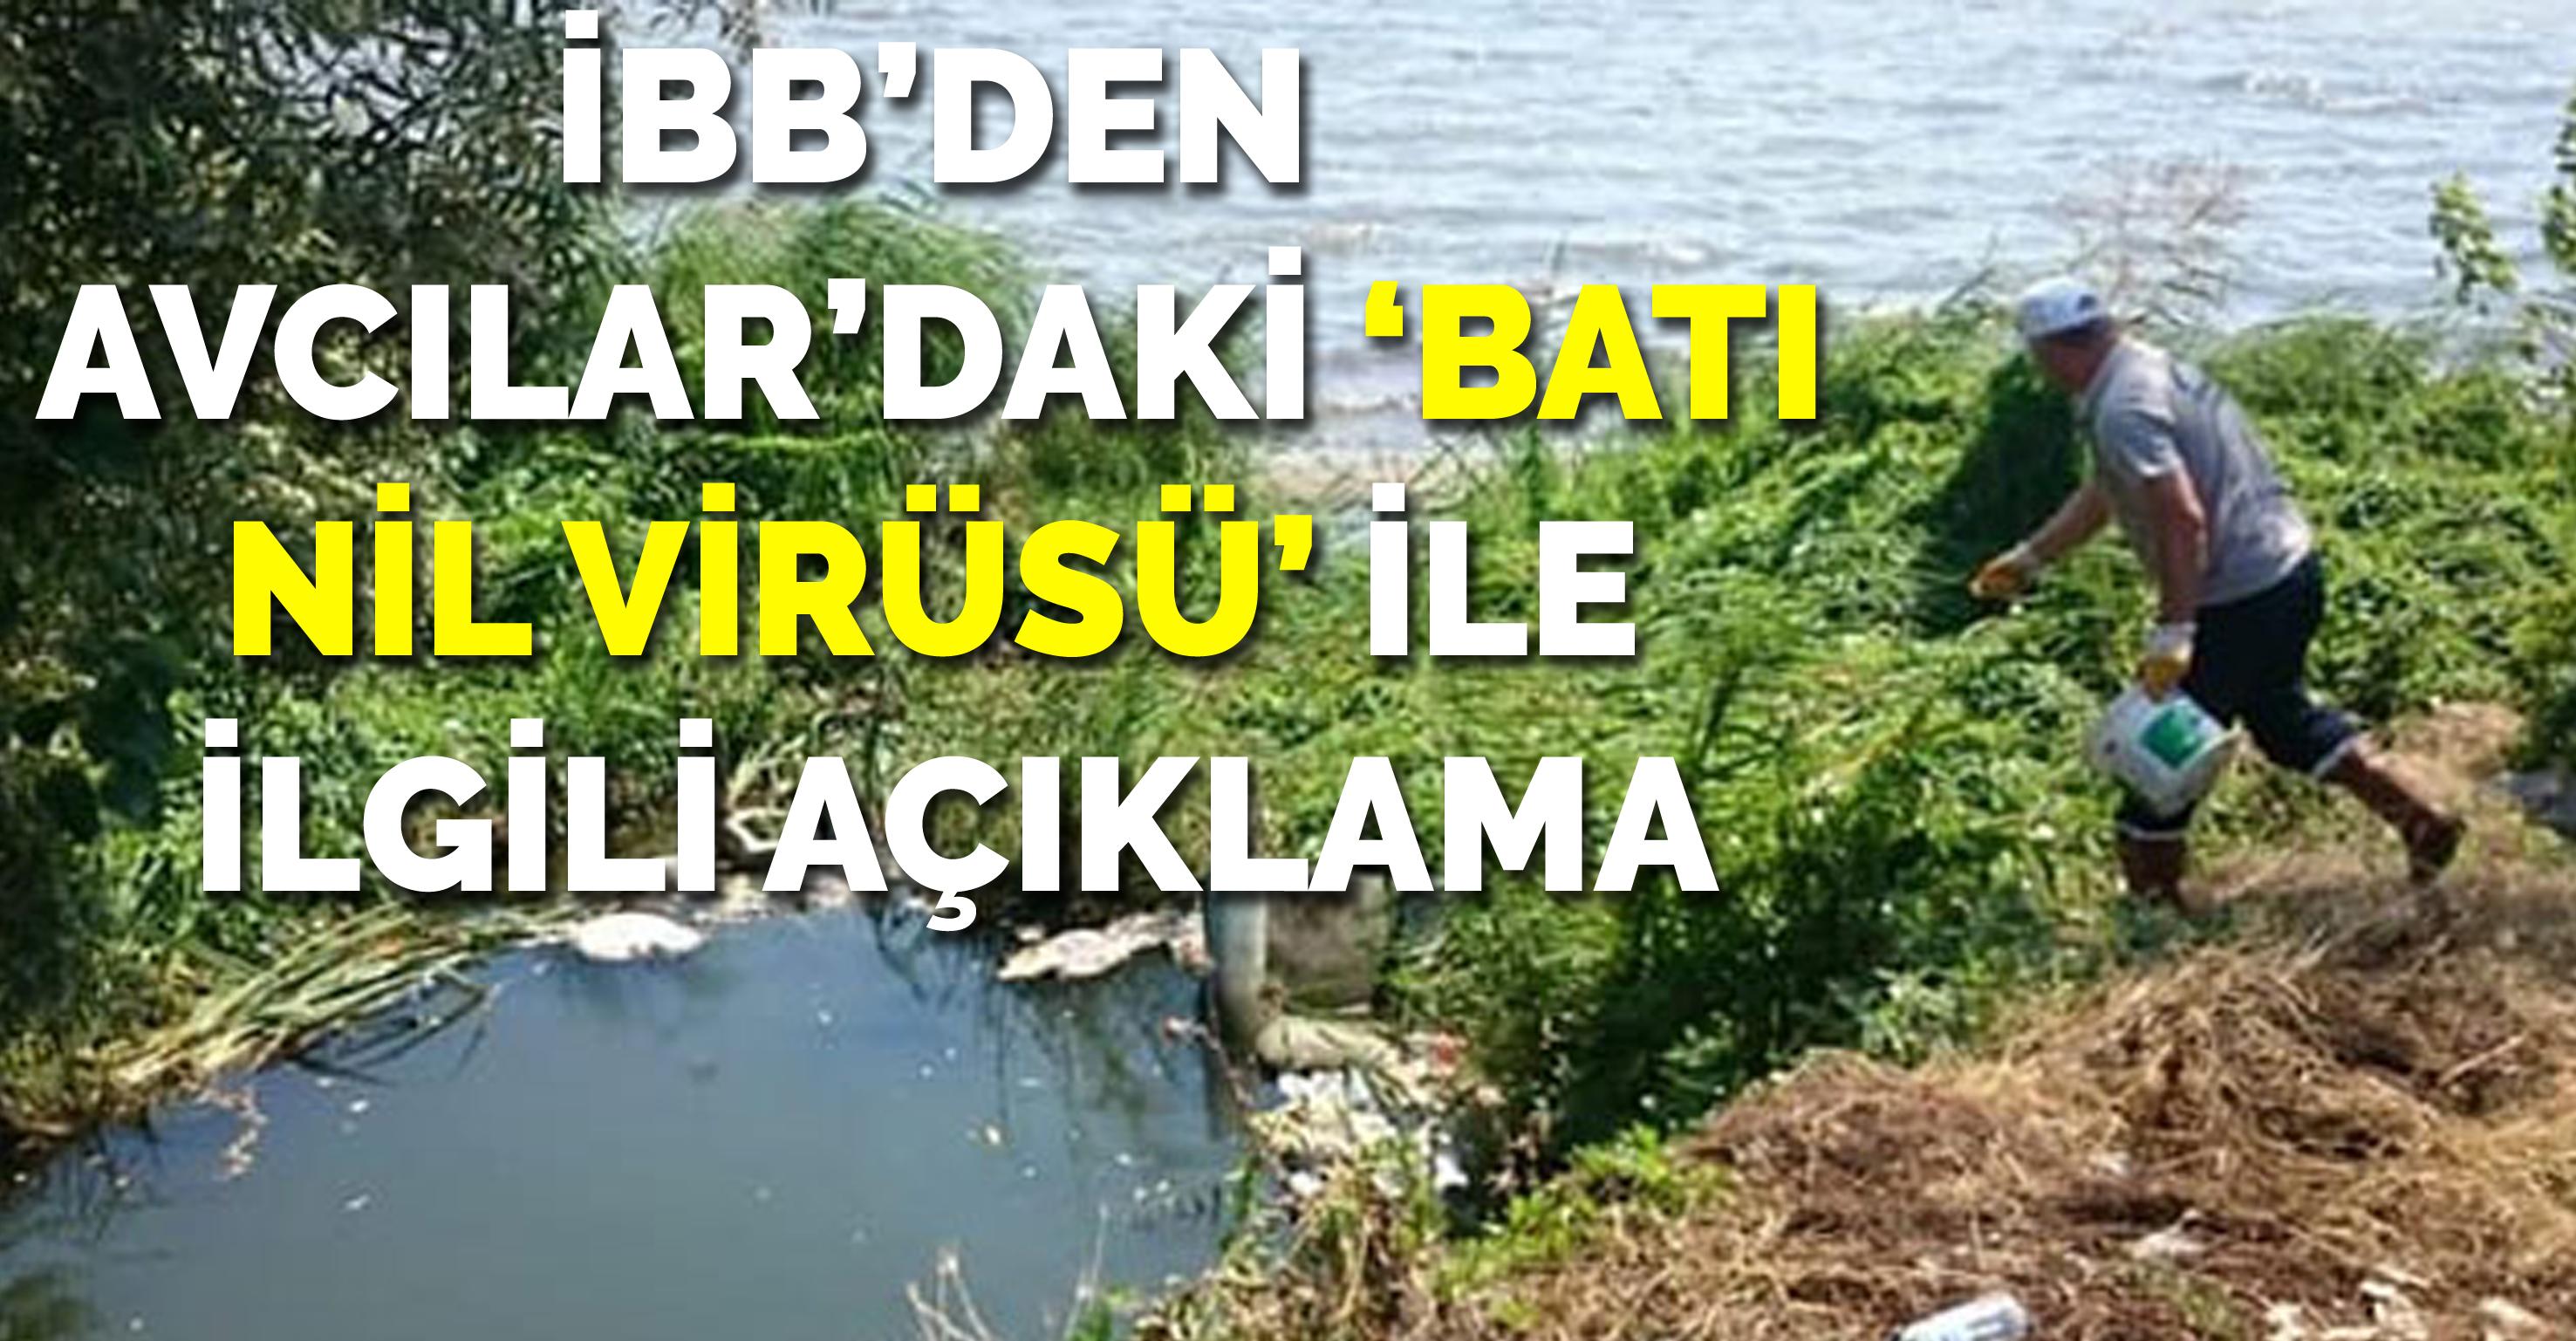 İBB'den Avcılar'daki 'Batı Nil Virüsü' ile ilgili açıklama